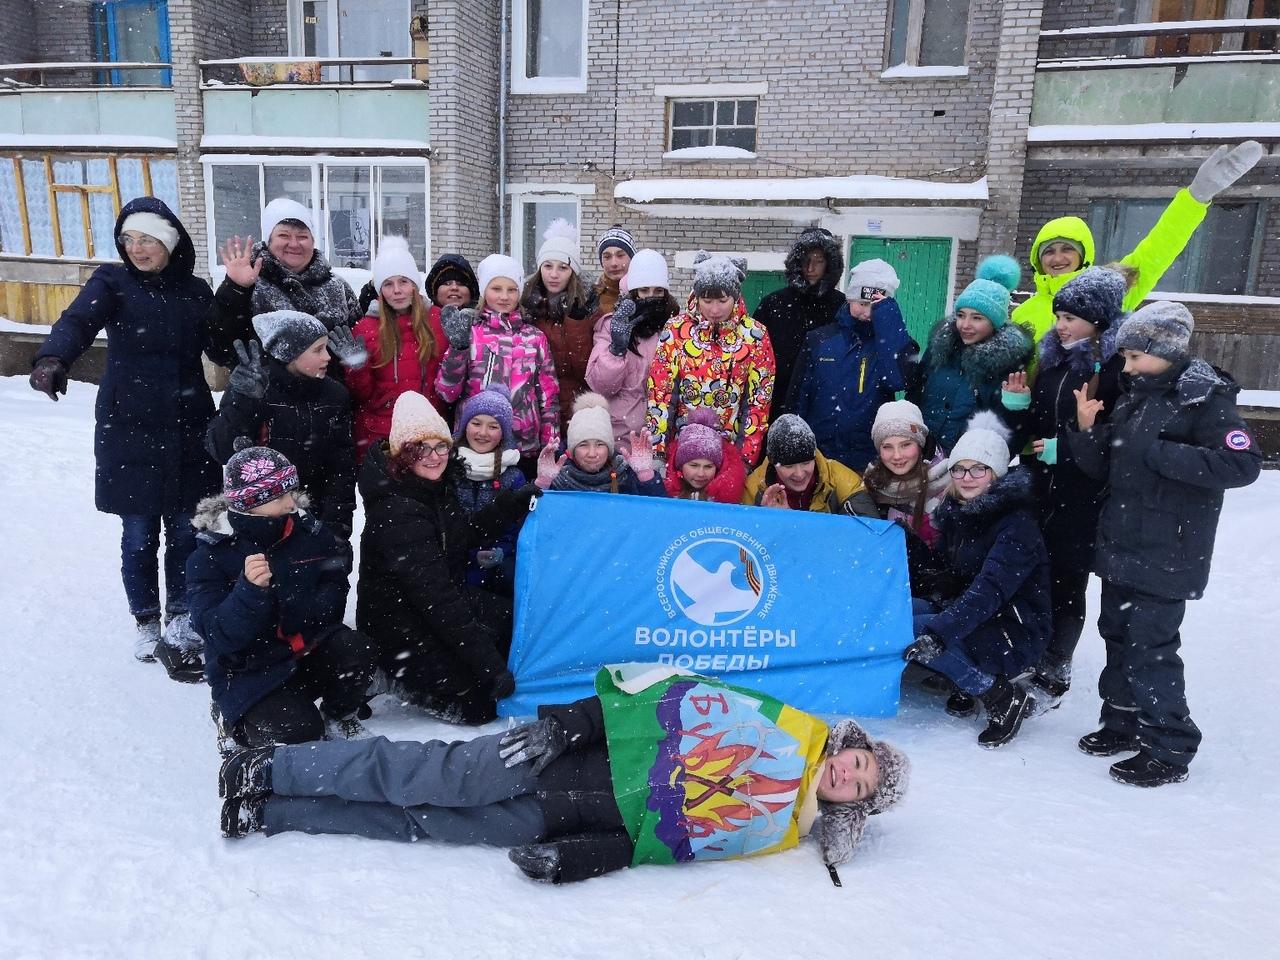 Развитие и активизация работы по направлениям РДШ в образовательных организациях Усть-Илимского района продолжается!